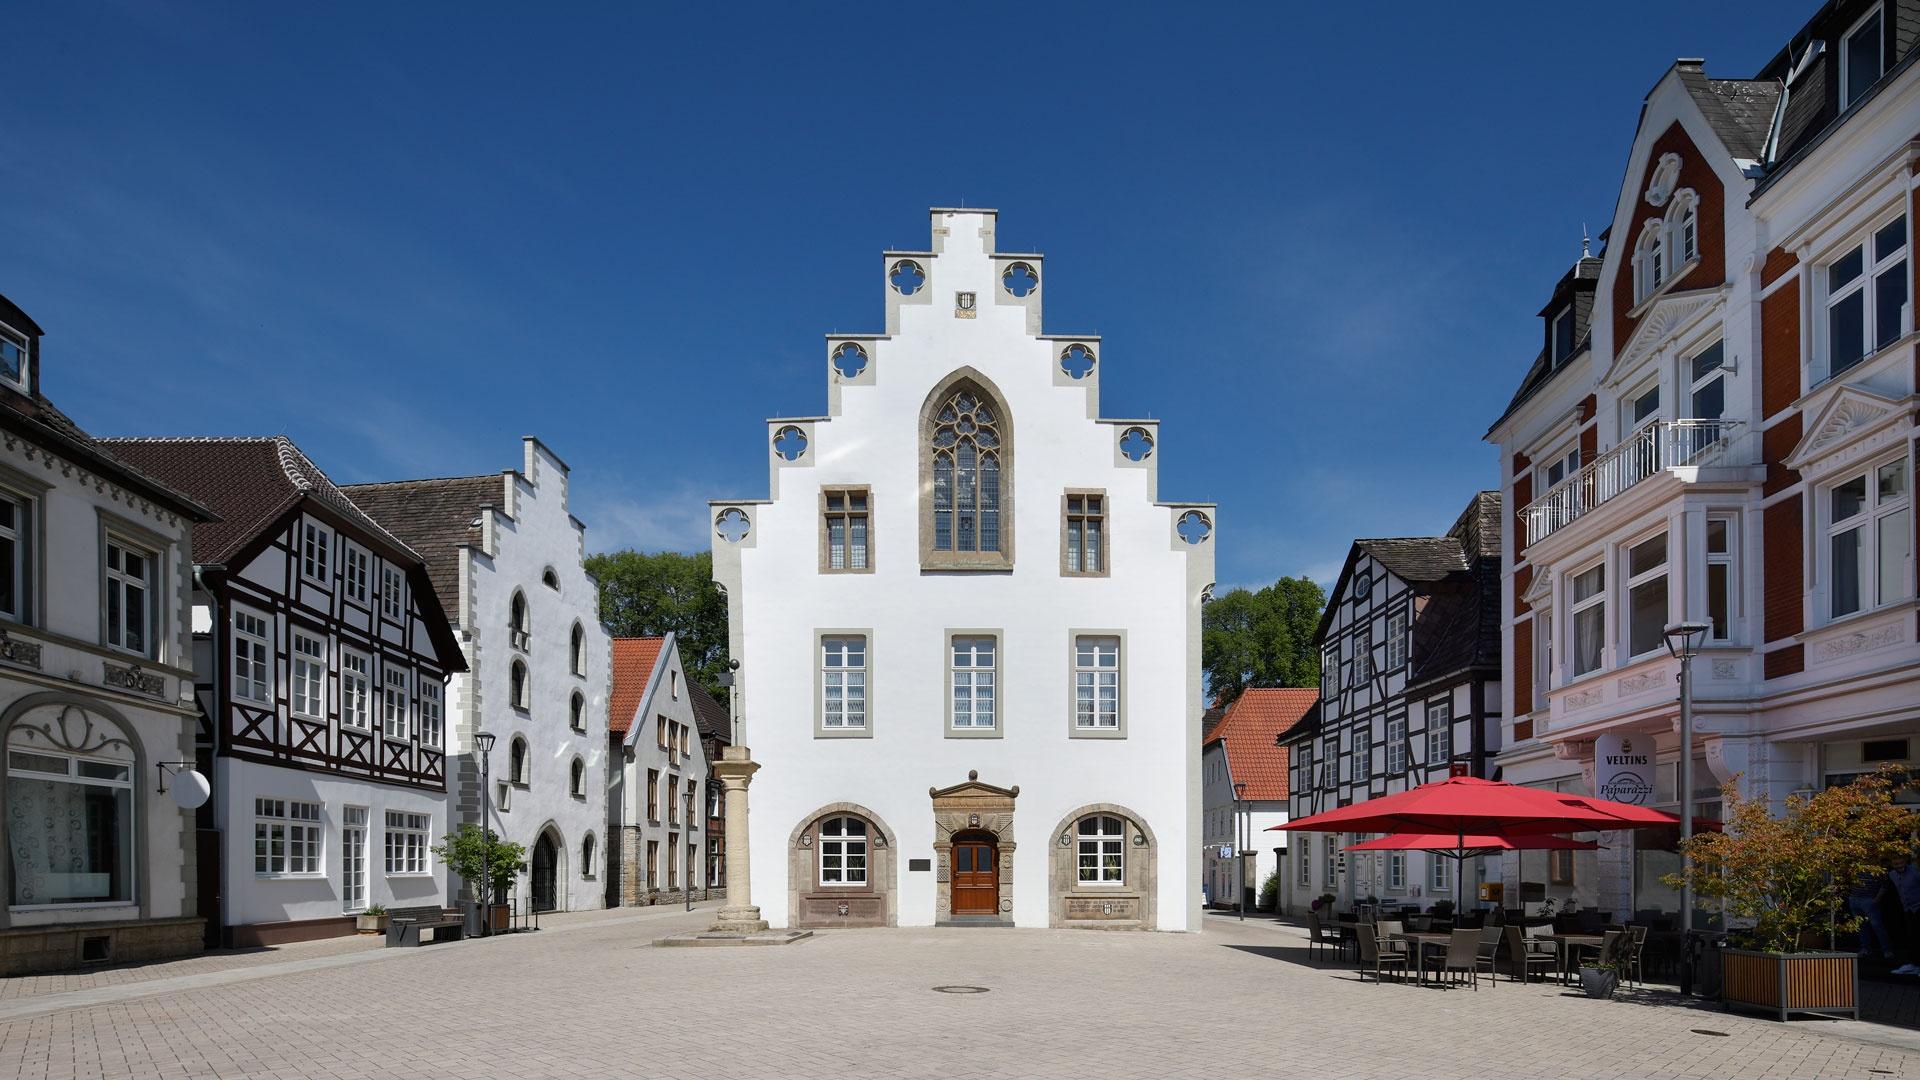 Rathaus der Stadt Brakel